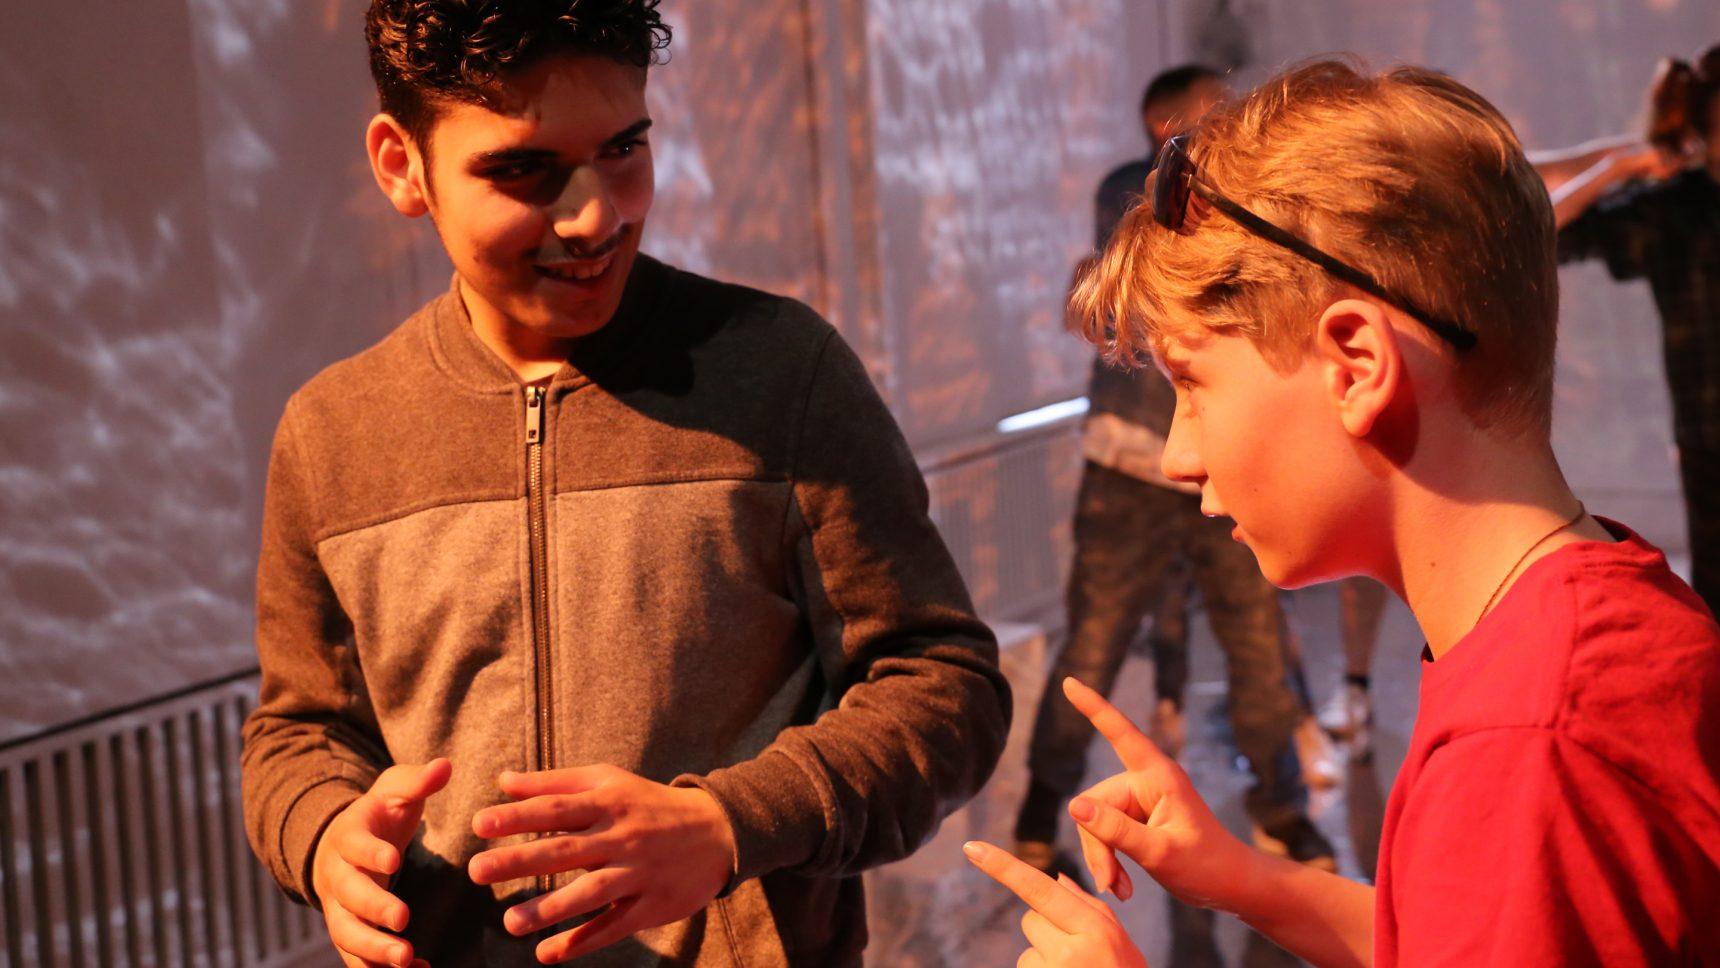 zwei Jungen diskutieren miteinander zum Thema Glaube im Heimathafen Neukölln